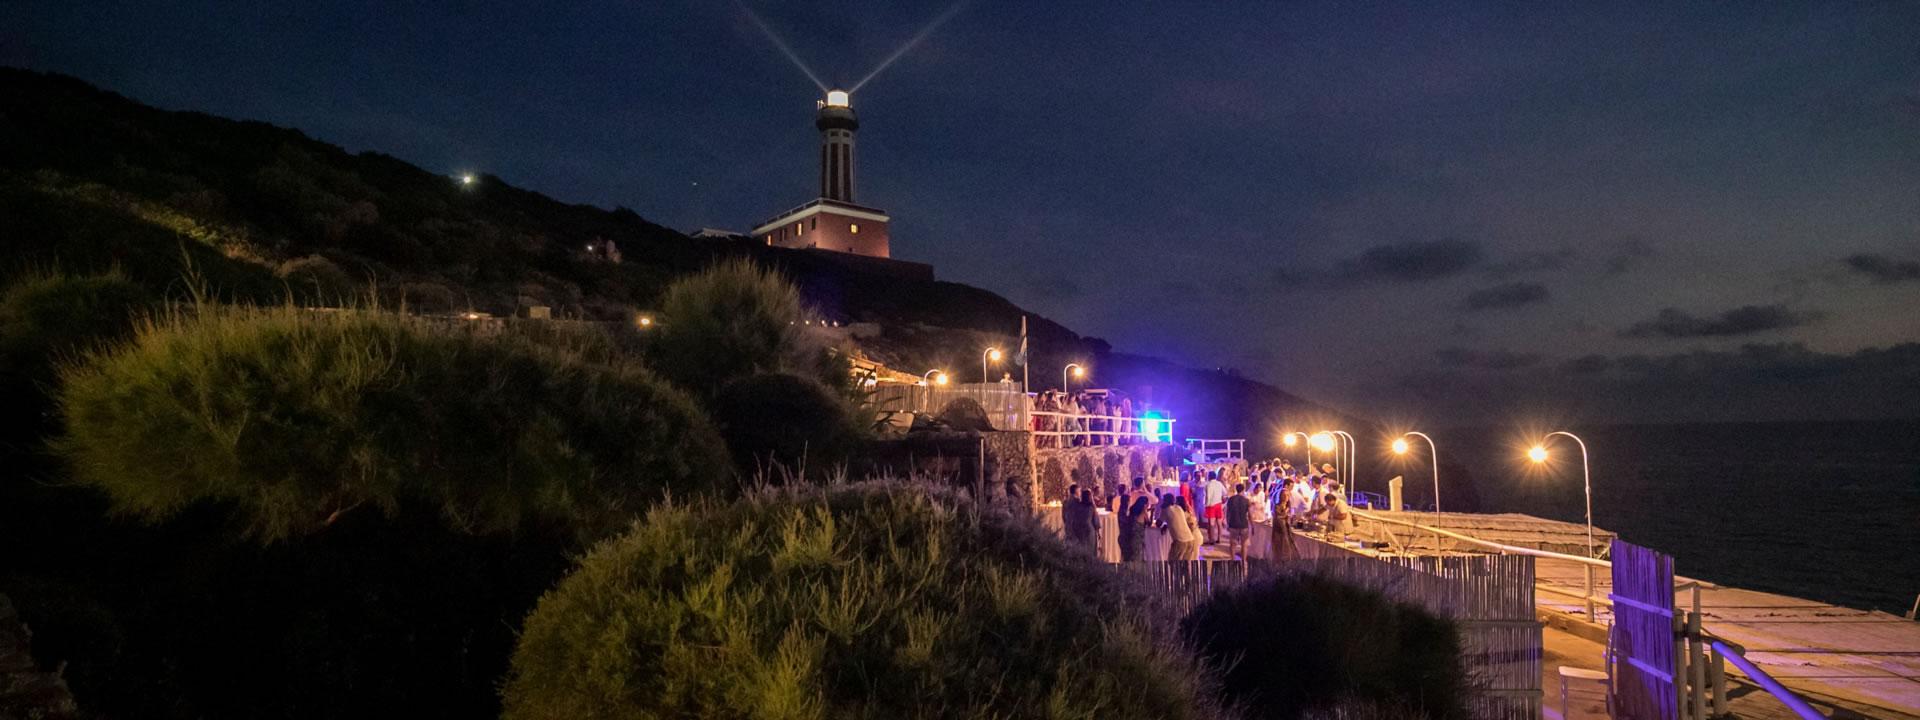 - 22 :: Jewish luxury wedding weekend in Capri :: Luxury wedding photography - 21 ::  - 22